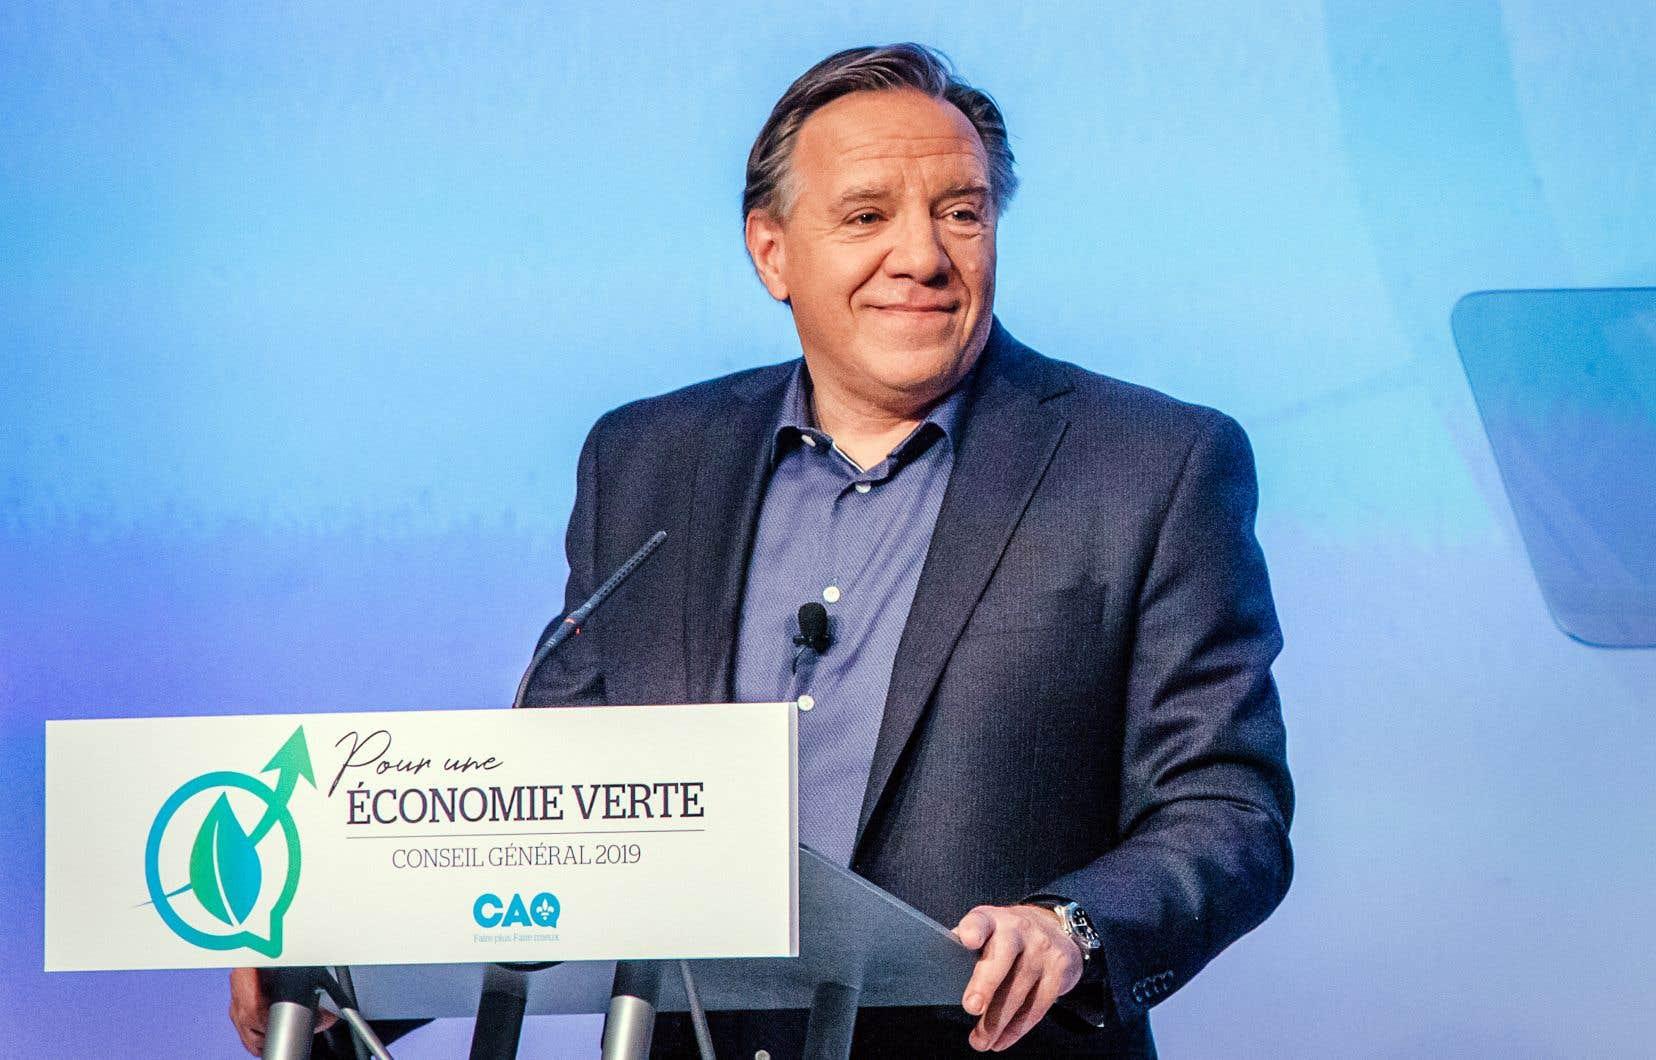 Le premier ministre François Legault souhaite diminuer de 40% la consommation de pétrole au Québec d'ici 2030.